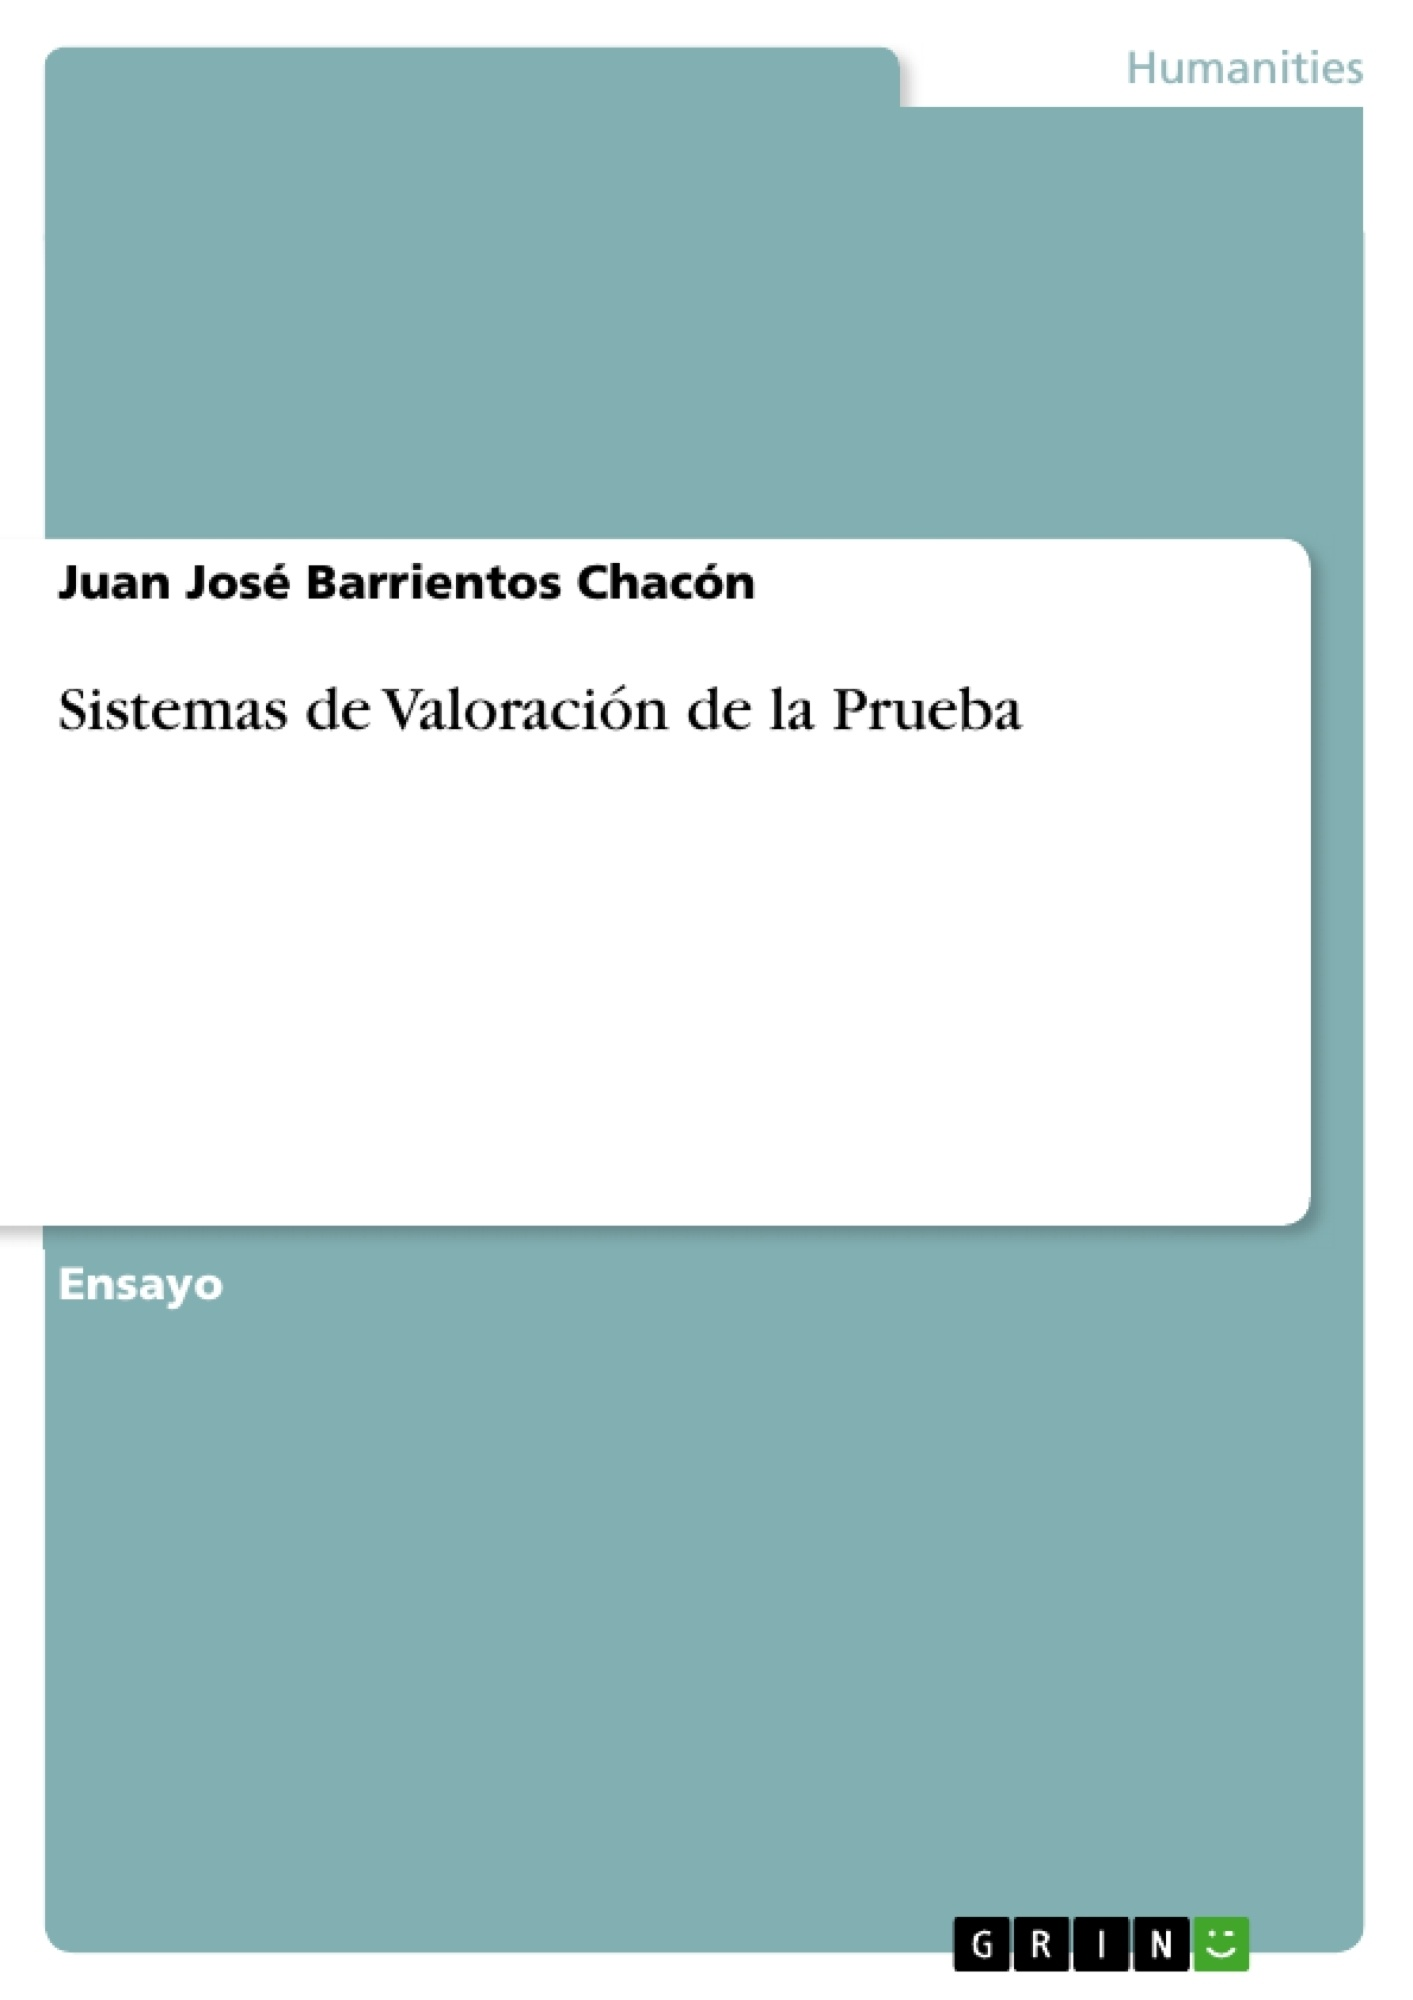 Título: Sistemas de Valoración de la Prueba